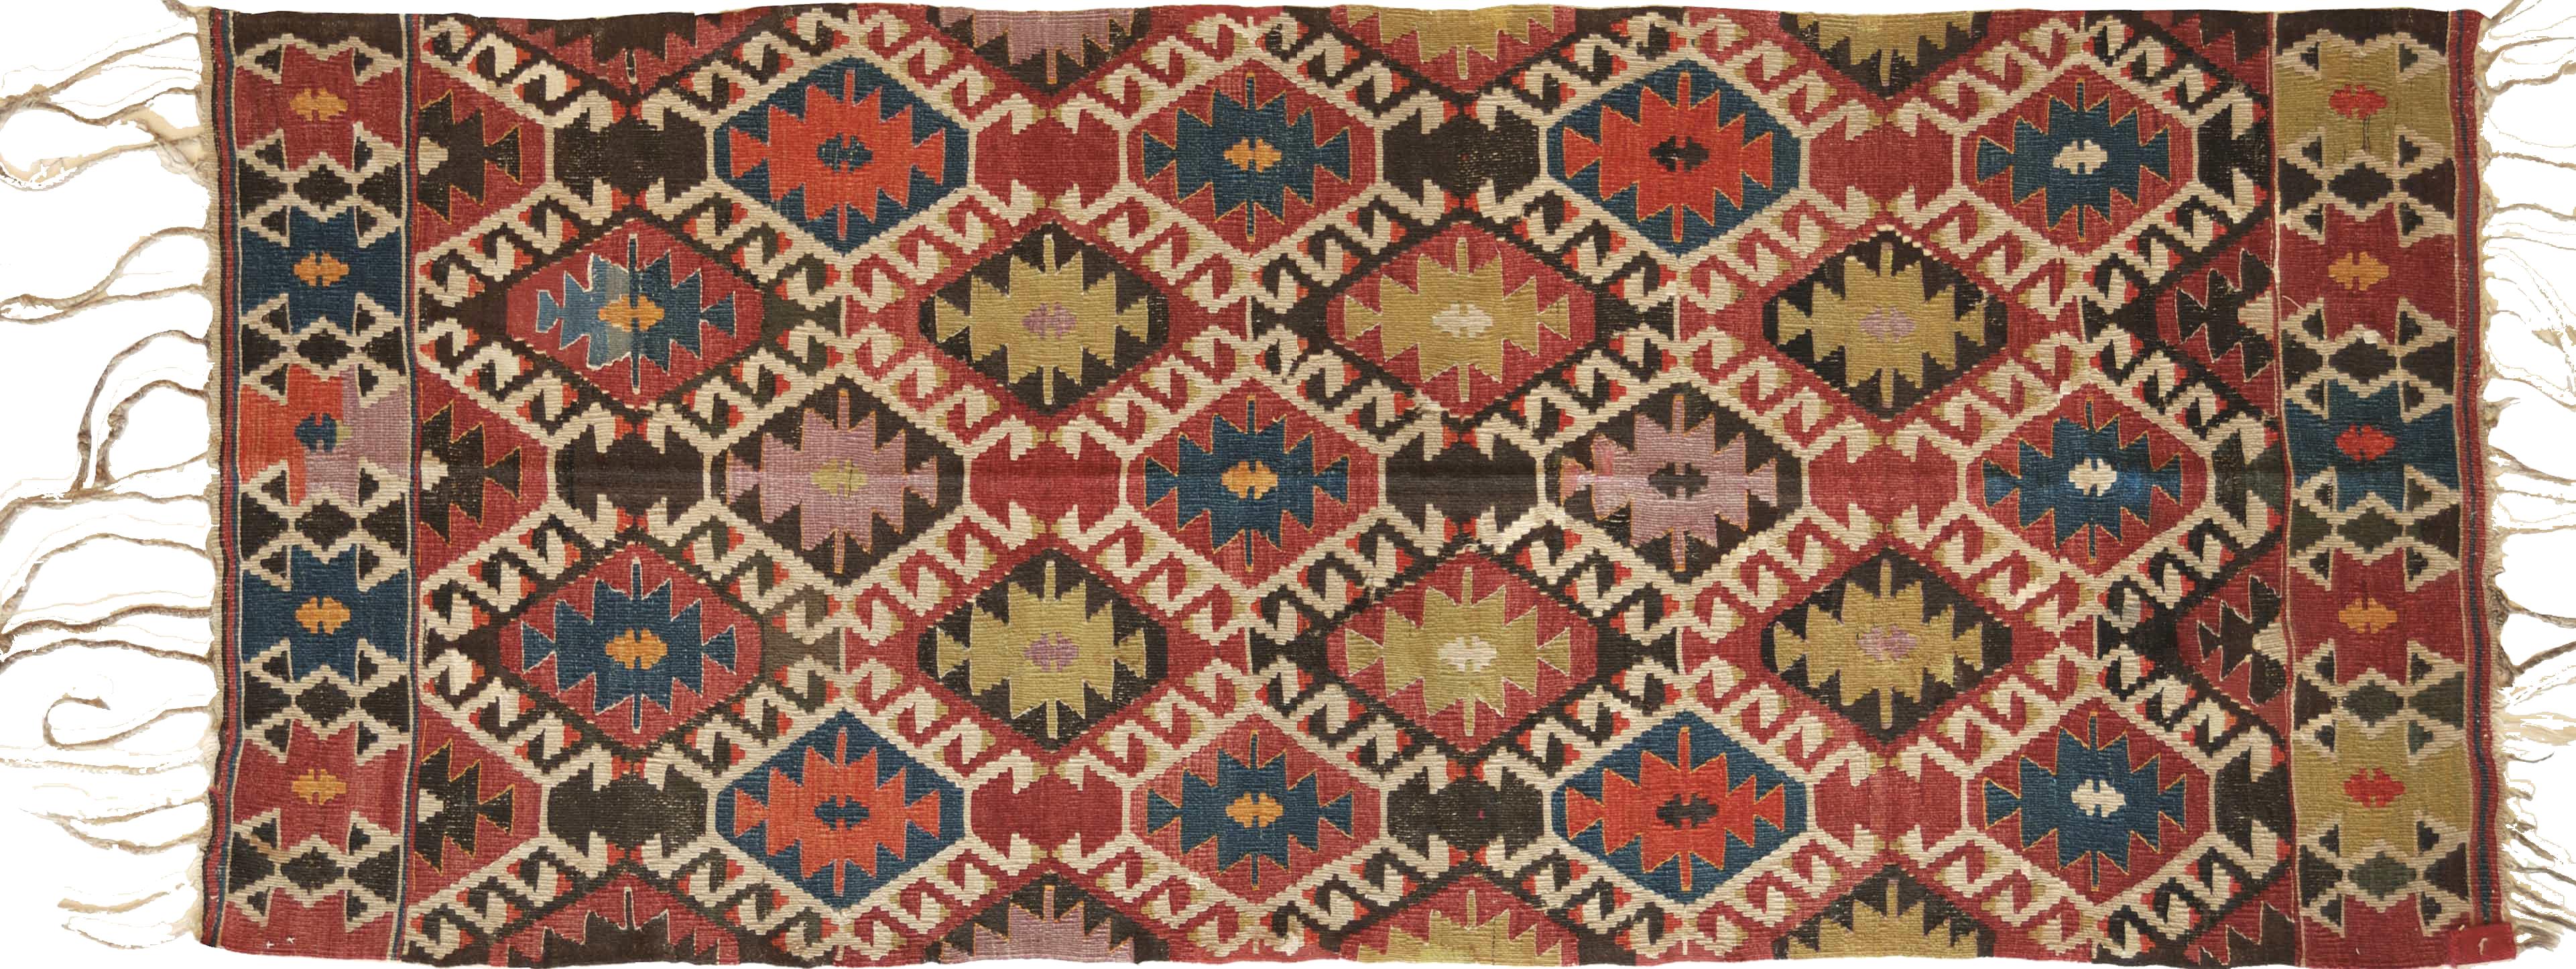 Tappeti kilim antichi idee per il design della casa - Tappeti kilim ikea ...